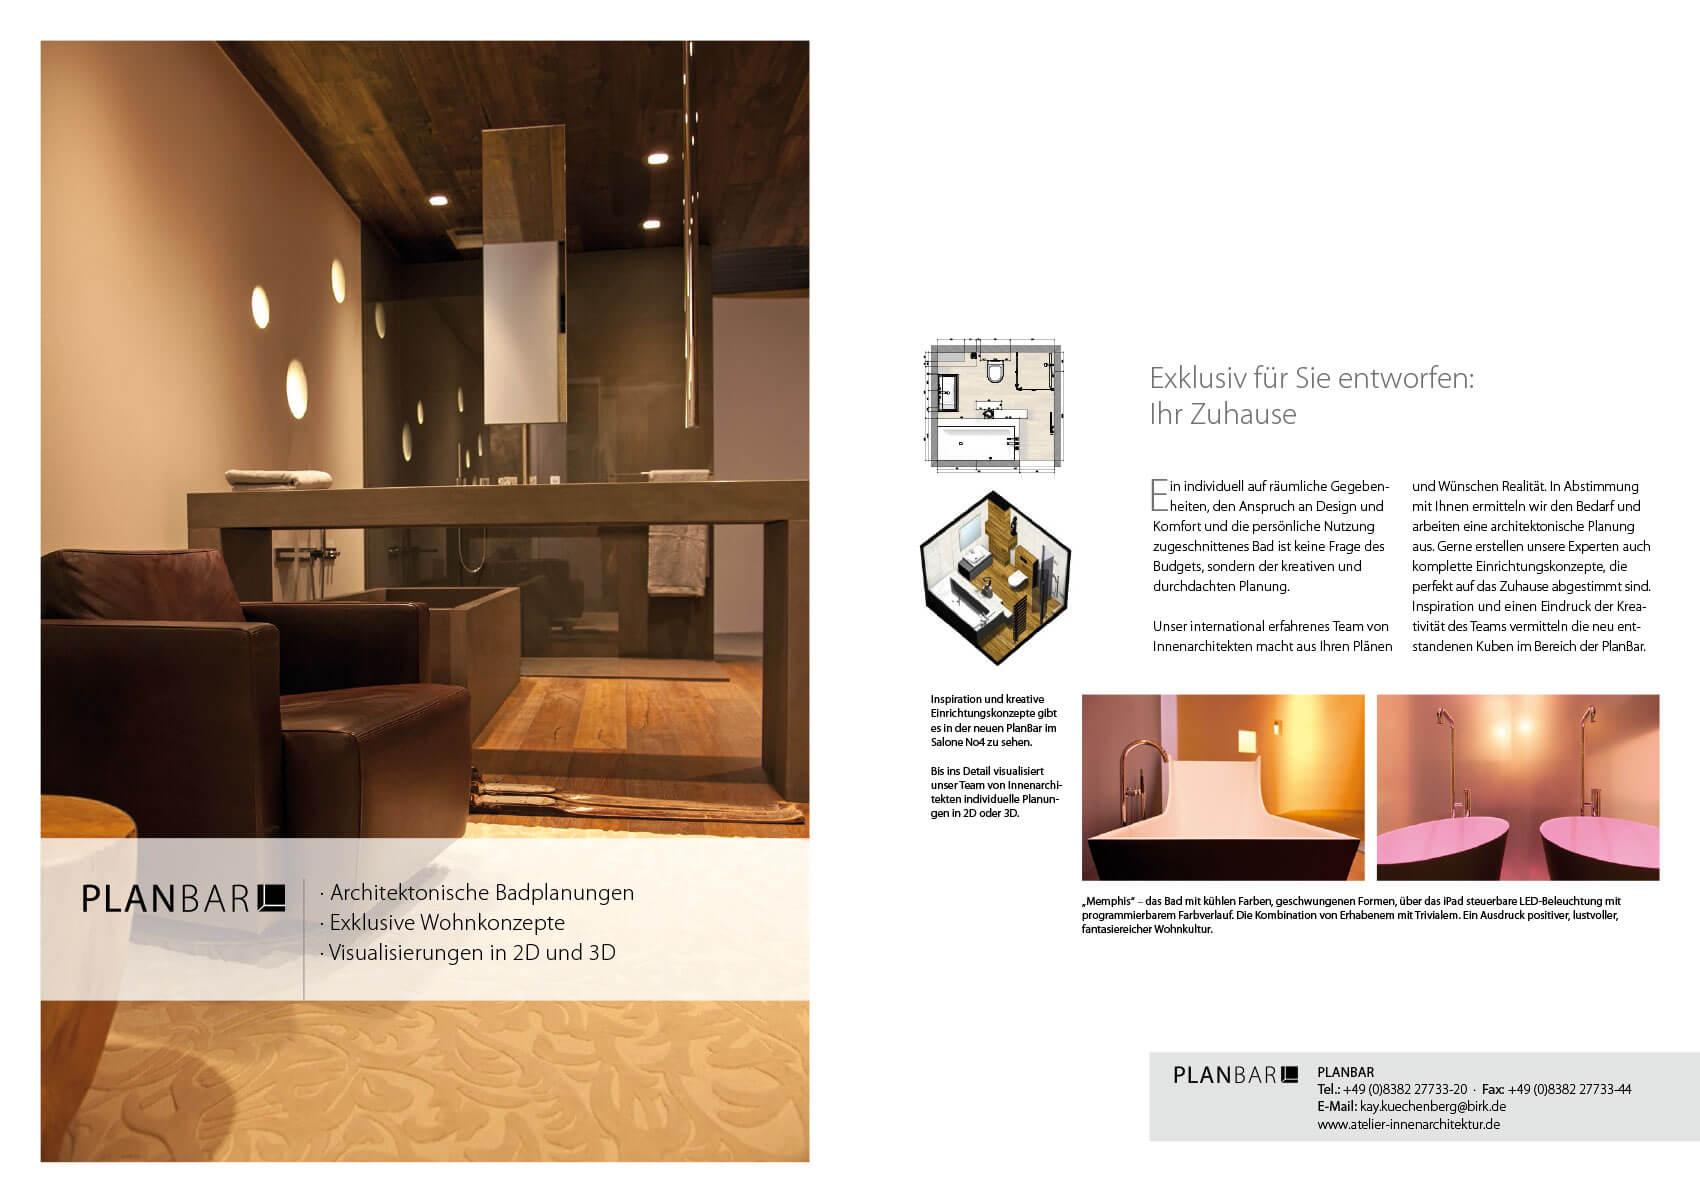 Titelseite der Imagebroschüre von Salone No4; diese Doppelseite stellt den architektonischen Planungsservice dar.